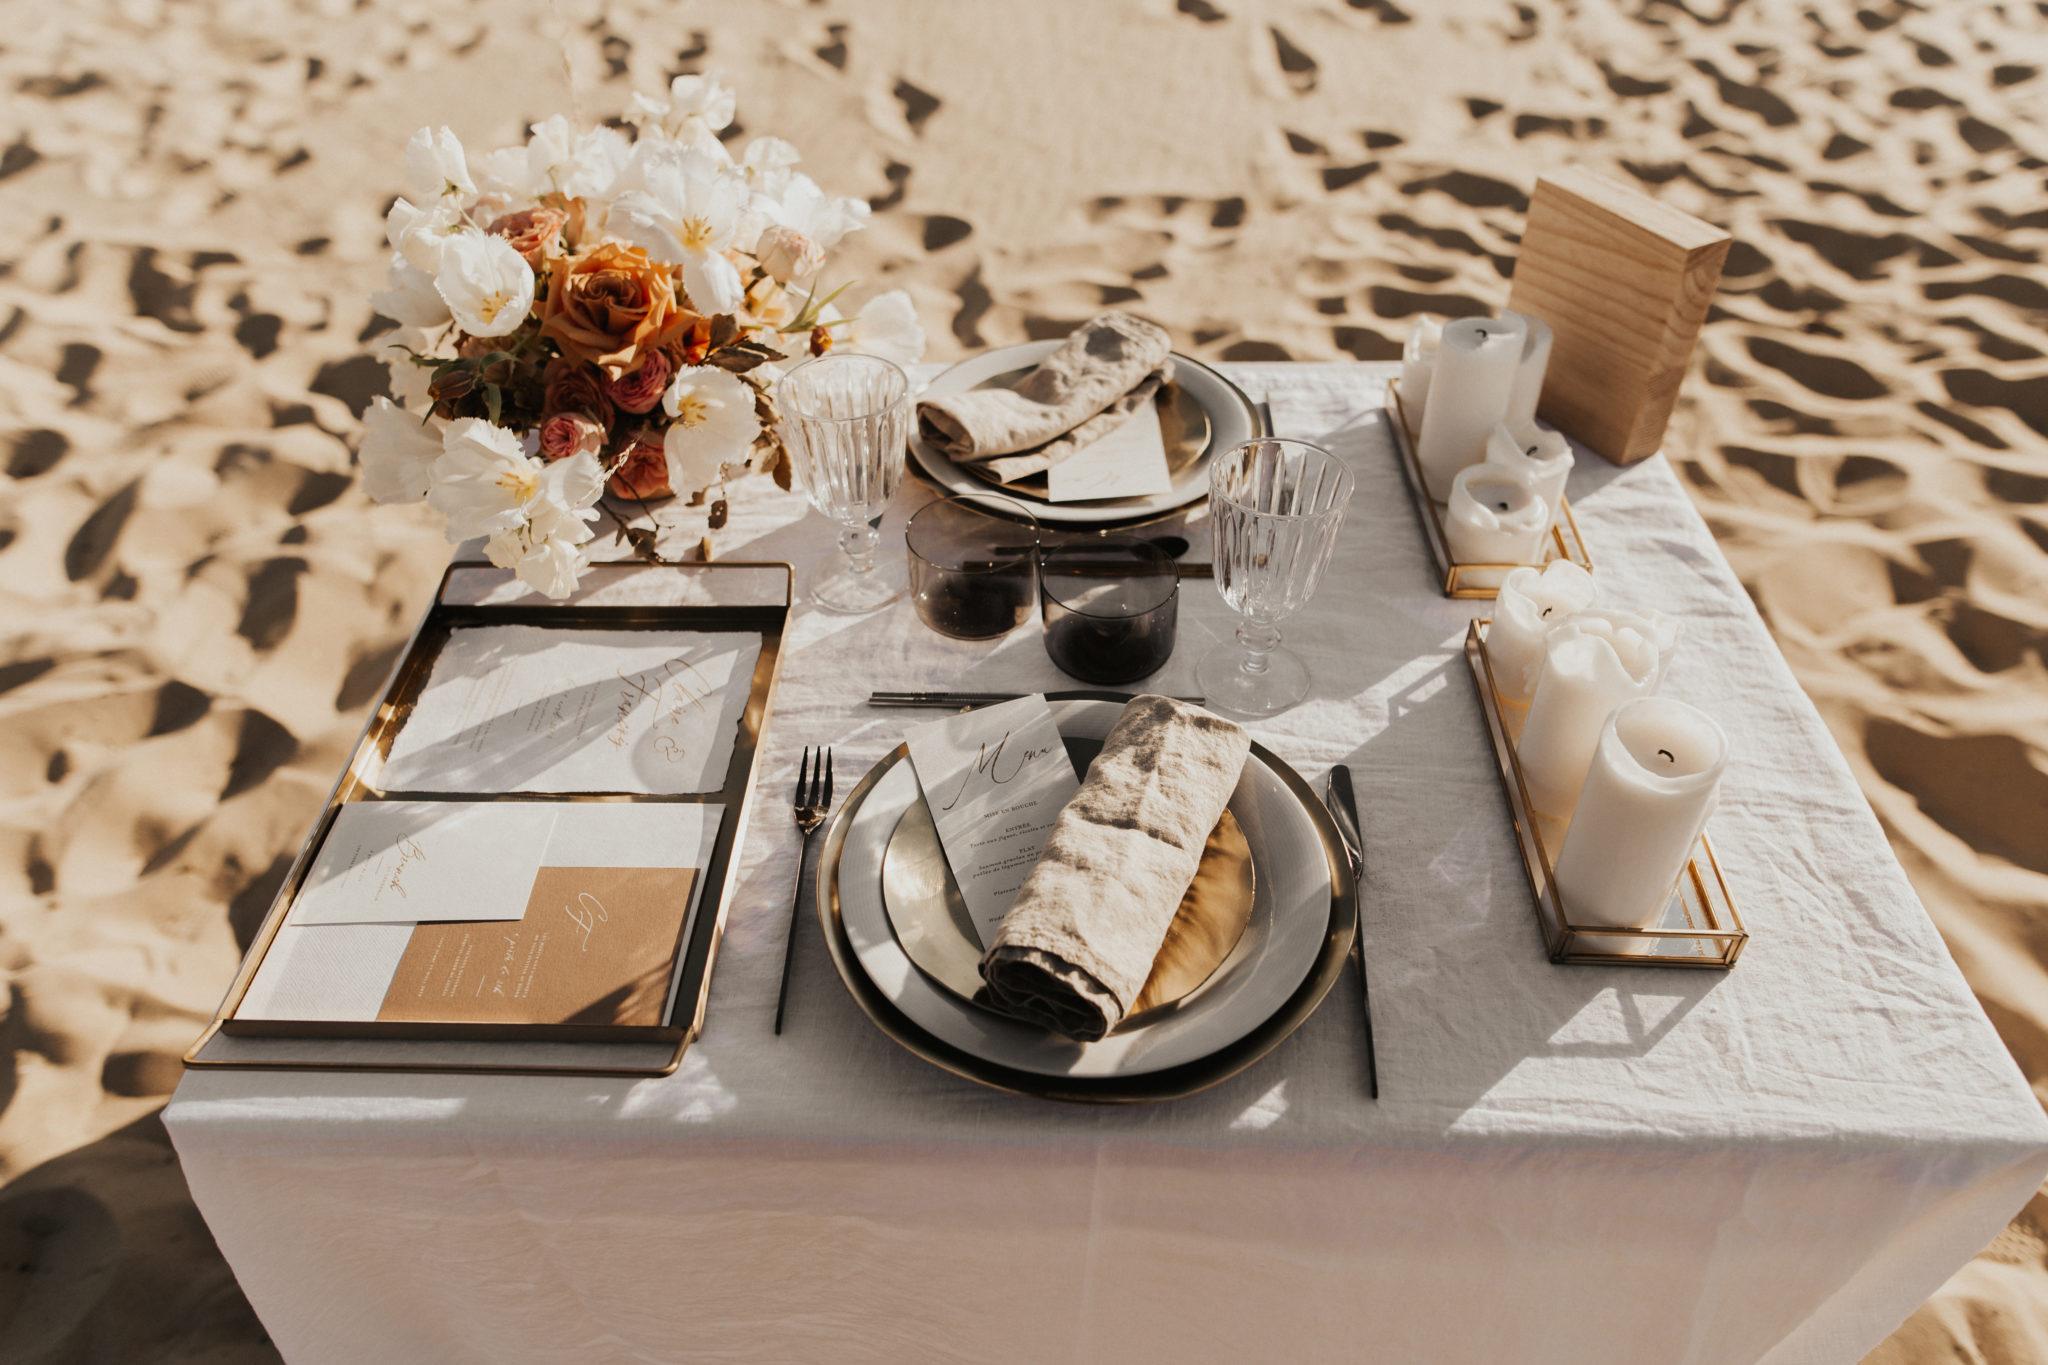 decoration-table-couple-plage-boheme